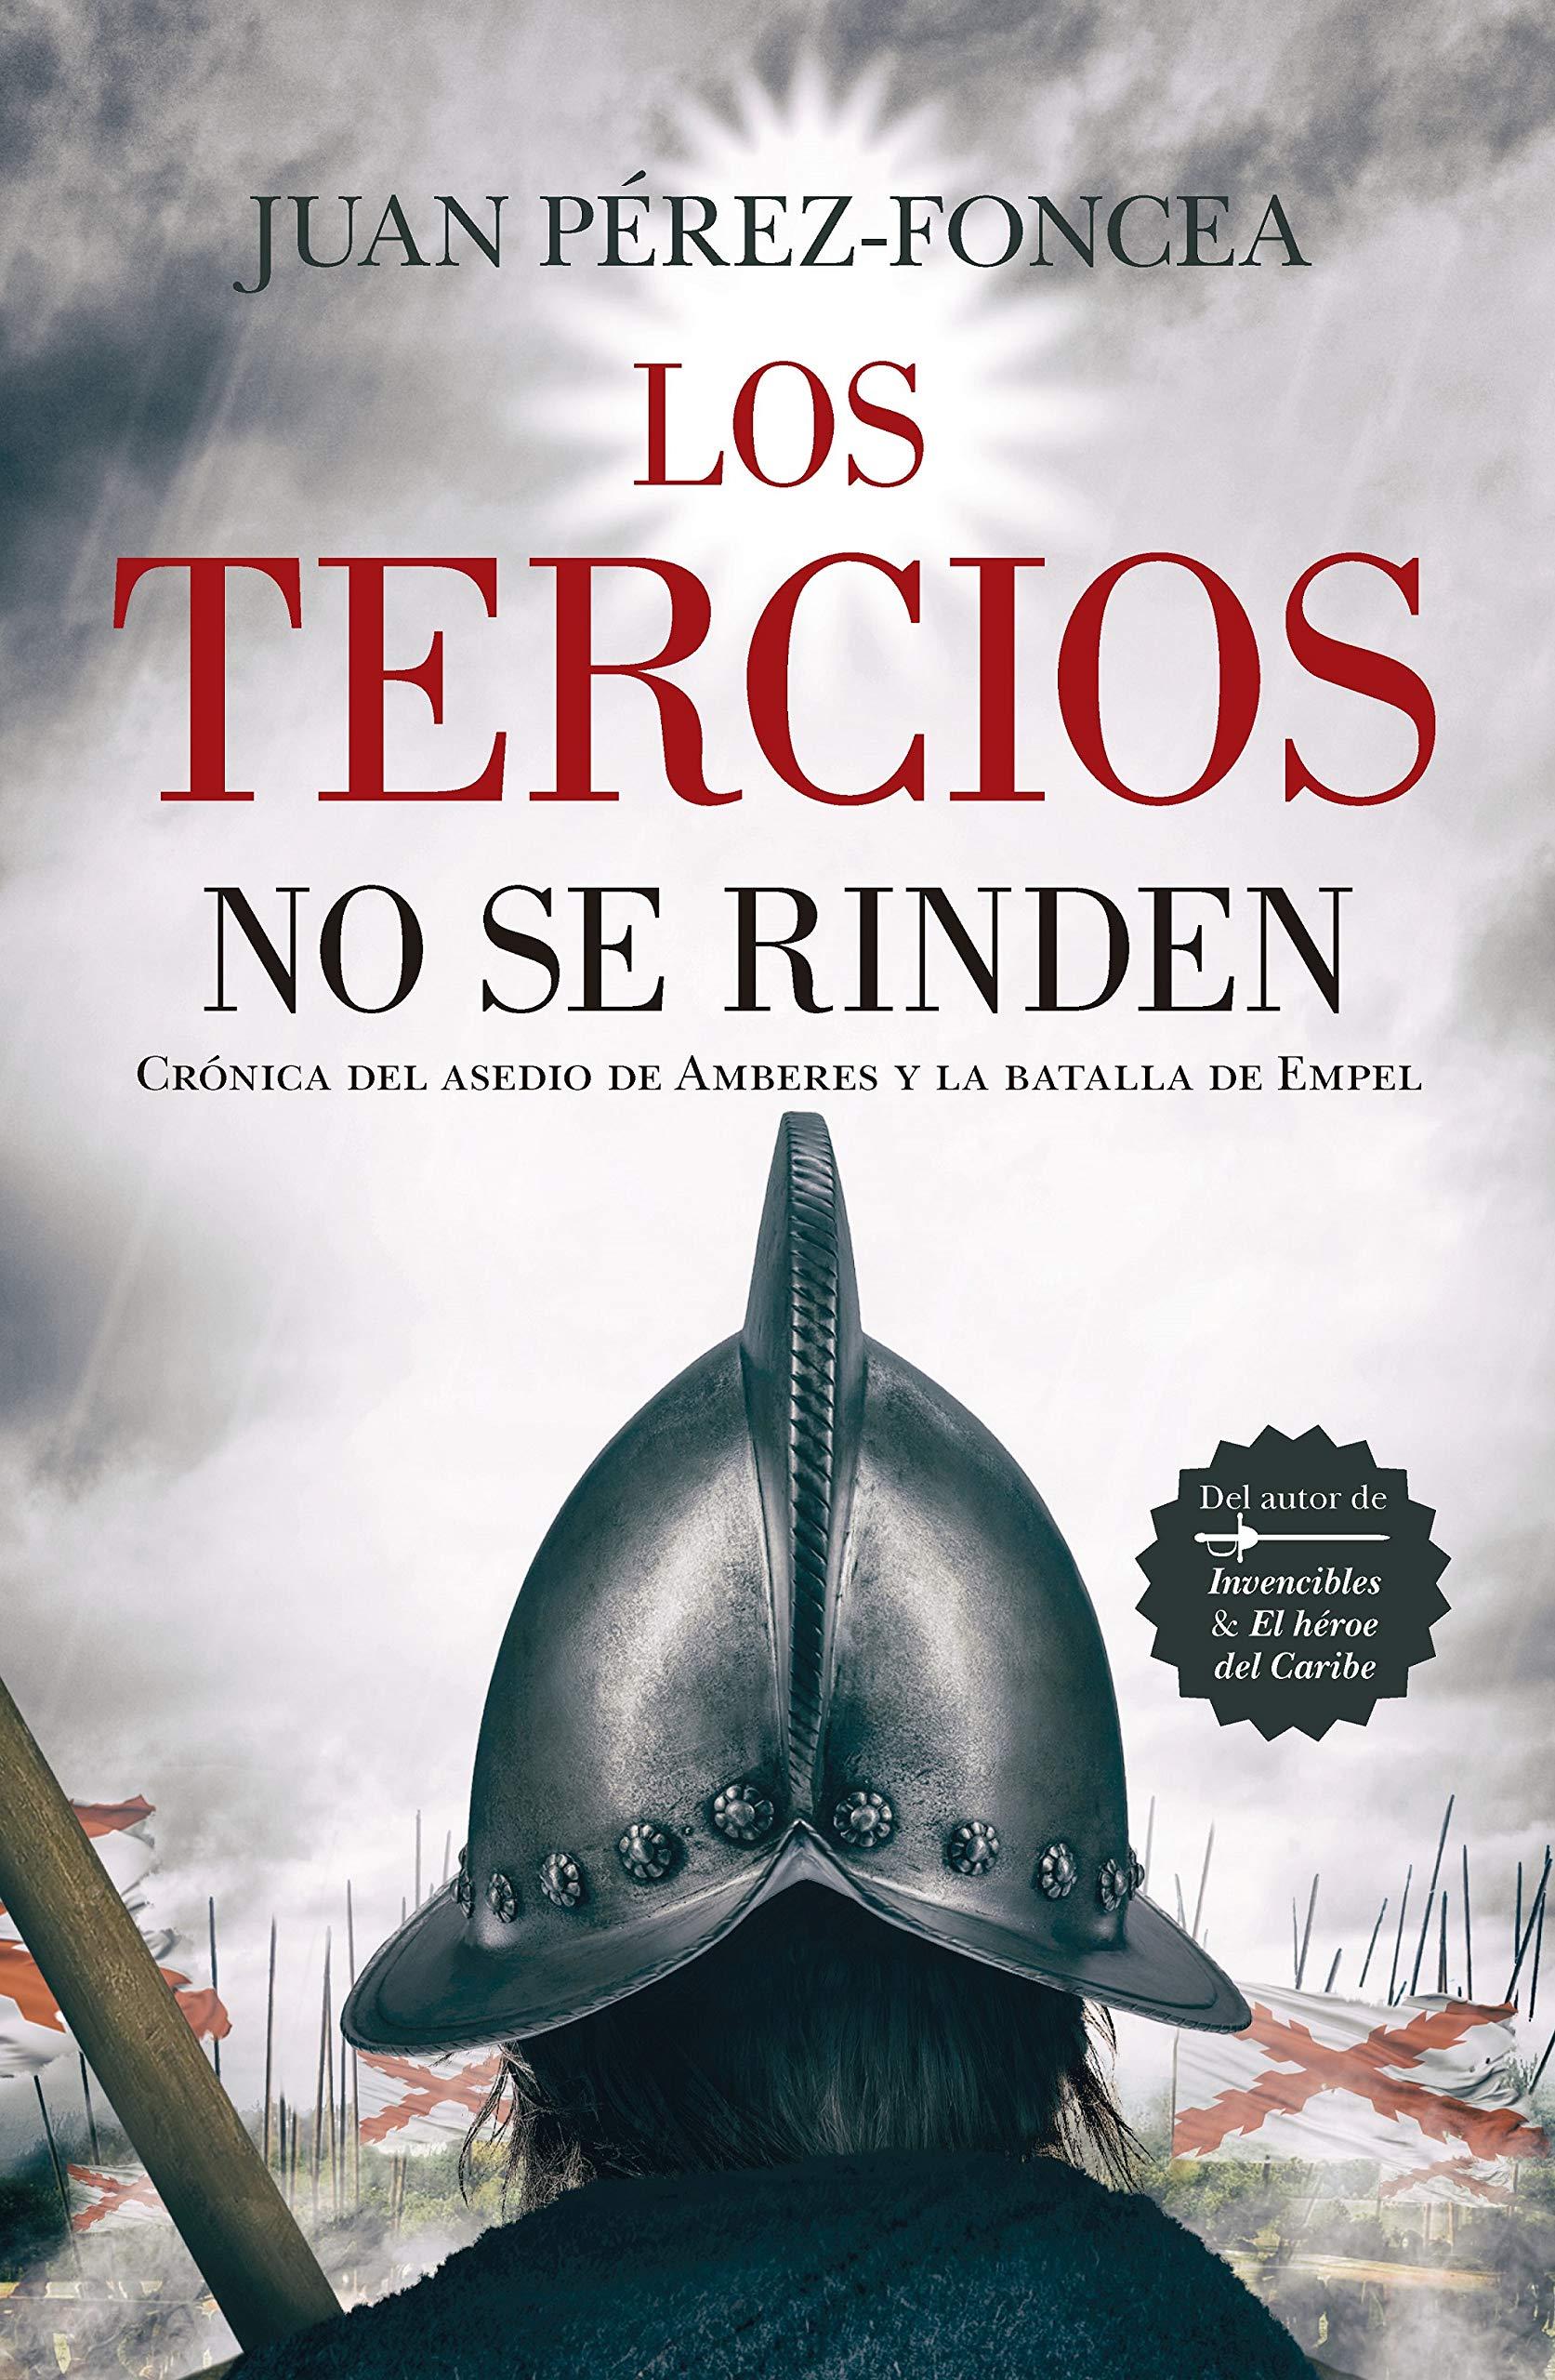 Los Tercios No Se Rinden: Amazon.es: Pérez-Foncea, Juan: Libros